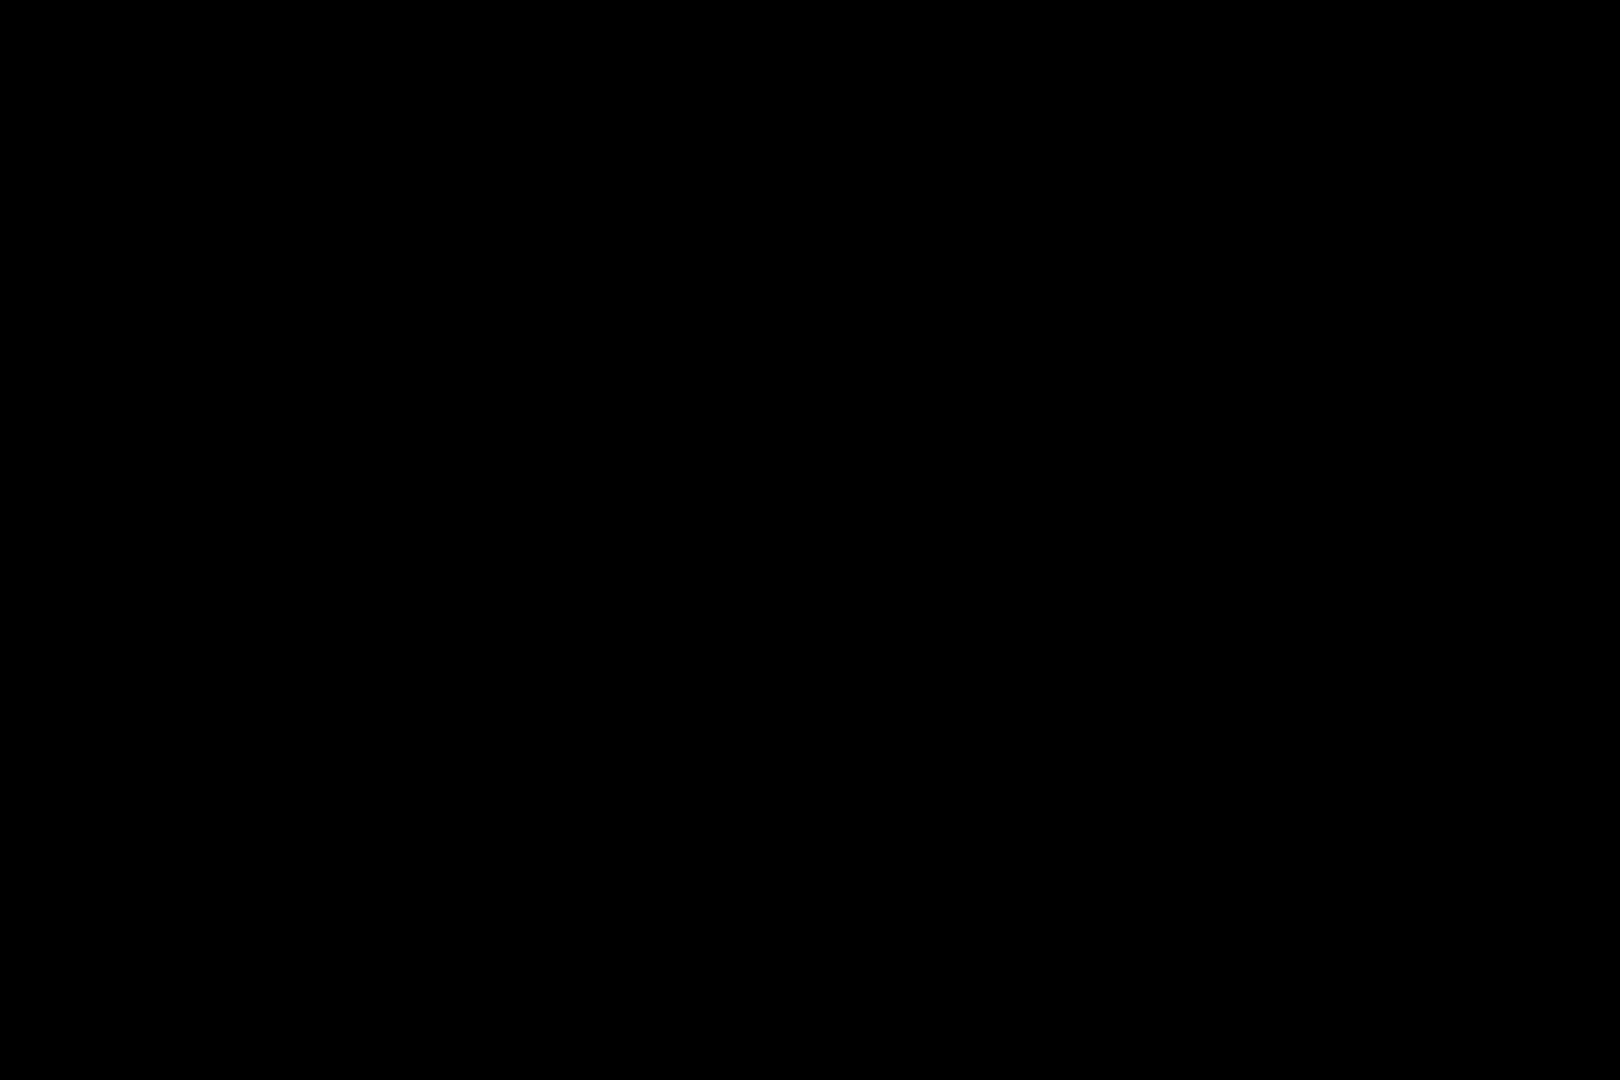 充血監督の深夜の運動会Vol.11 マンコ スケベ動画紹介 102連発 99